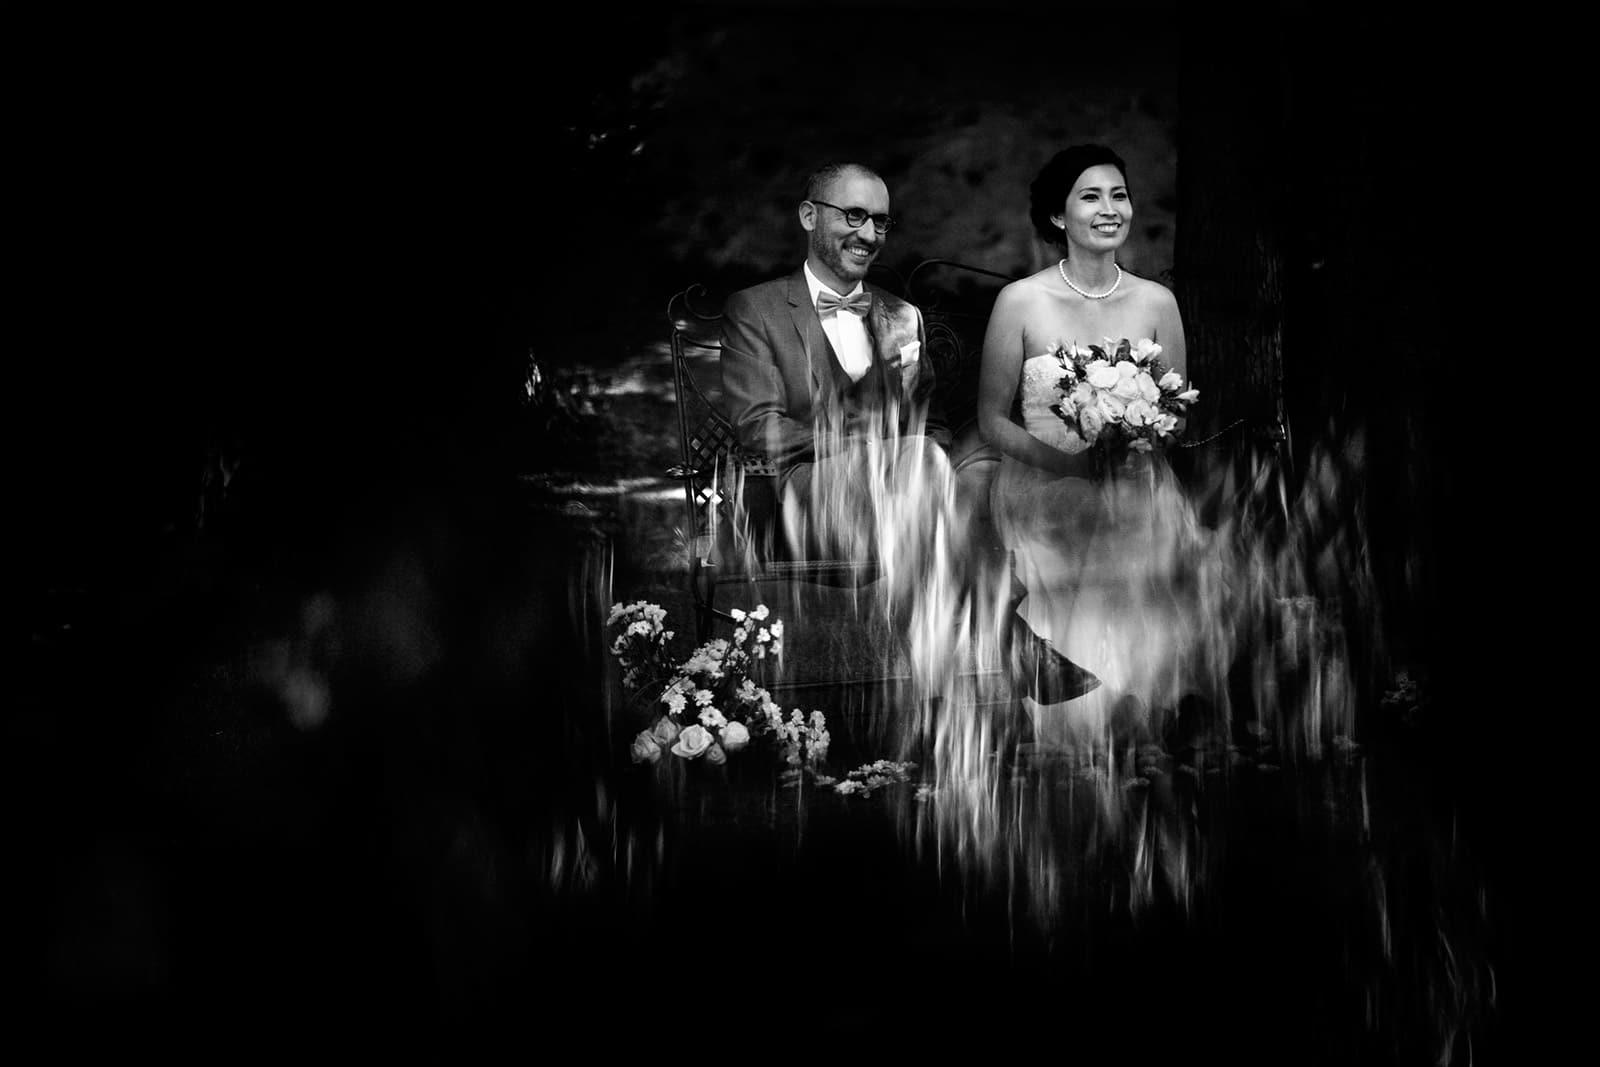 photographe de mariage Brives Charensac/Madagascar